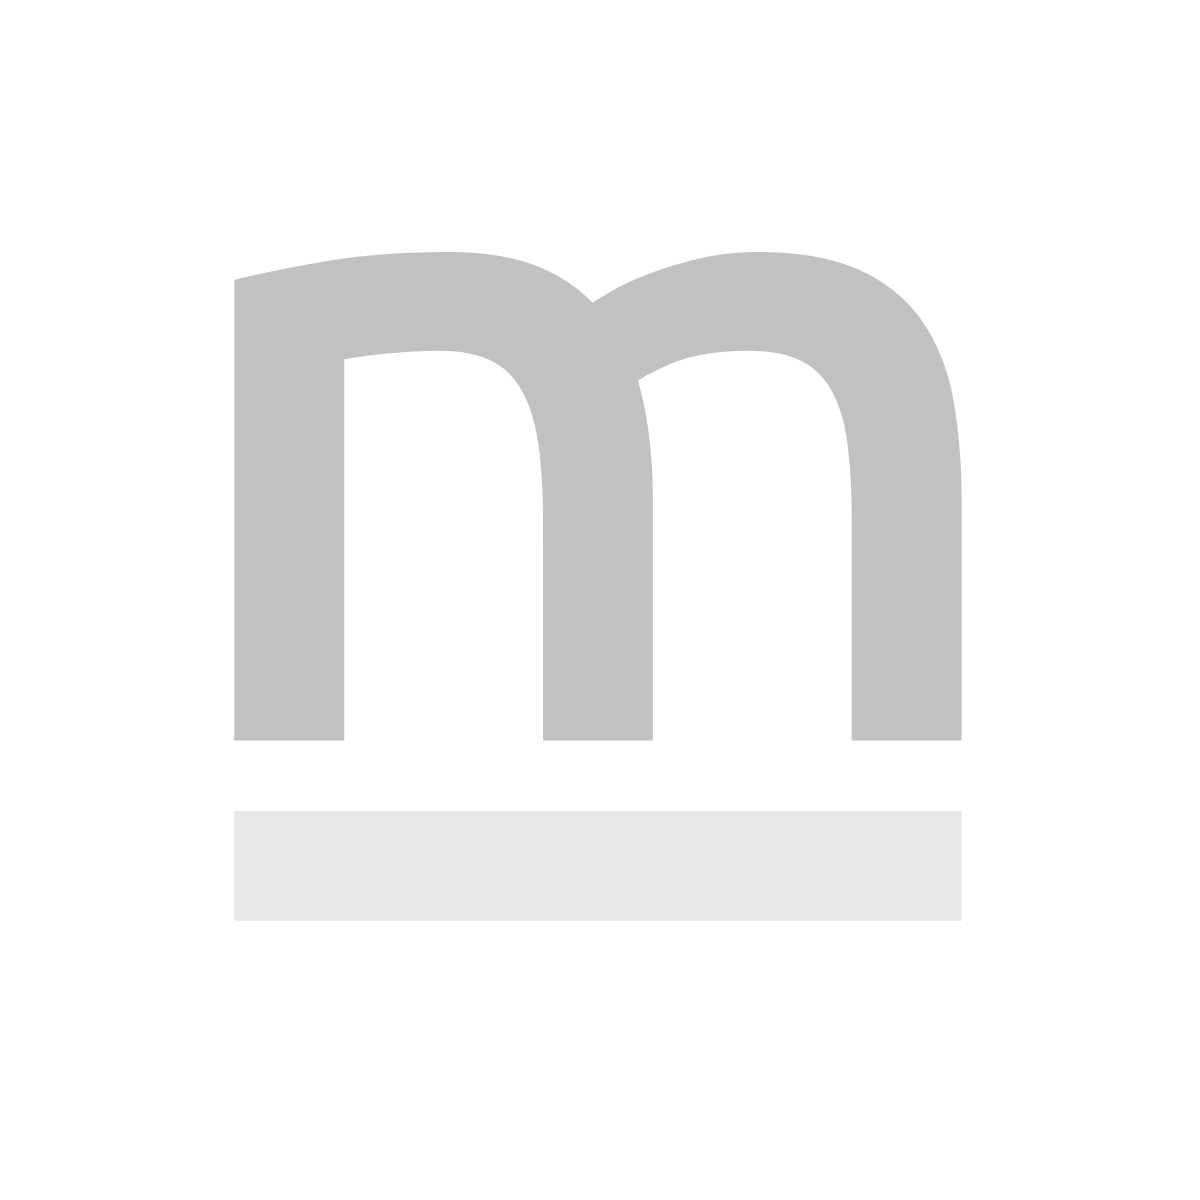 Szafa przesuwna MODUO COMFORT 3 150 antracyt/biała mat z lustrem